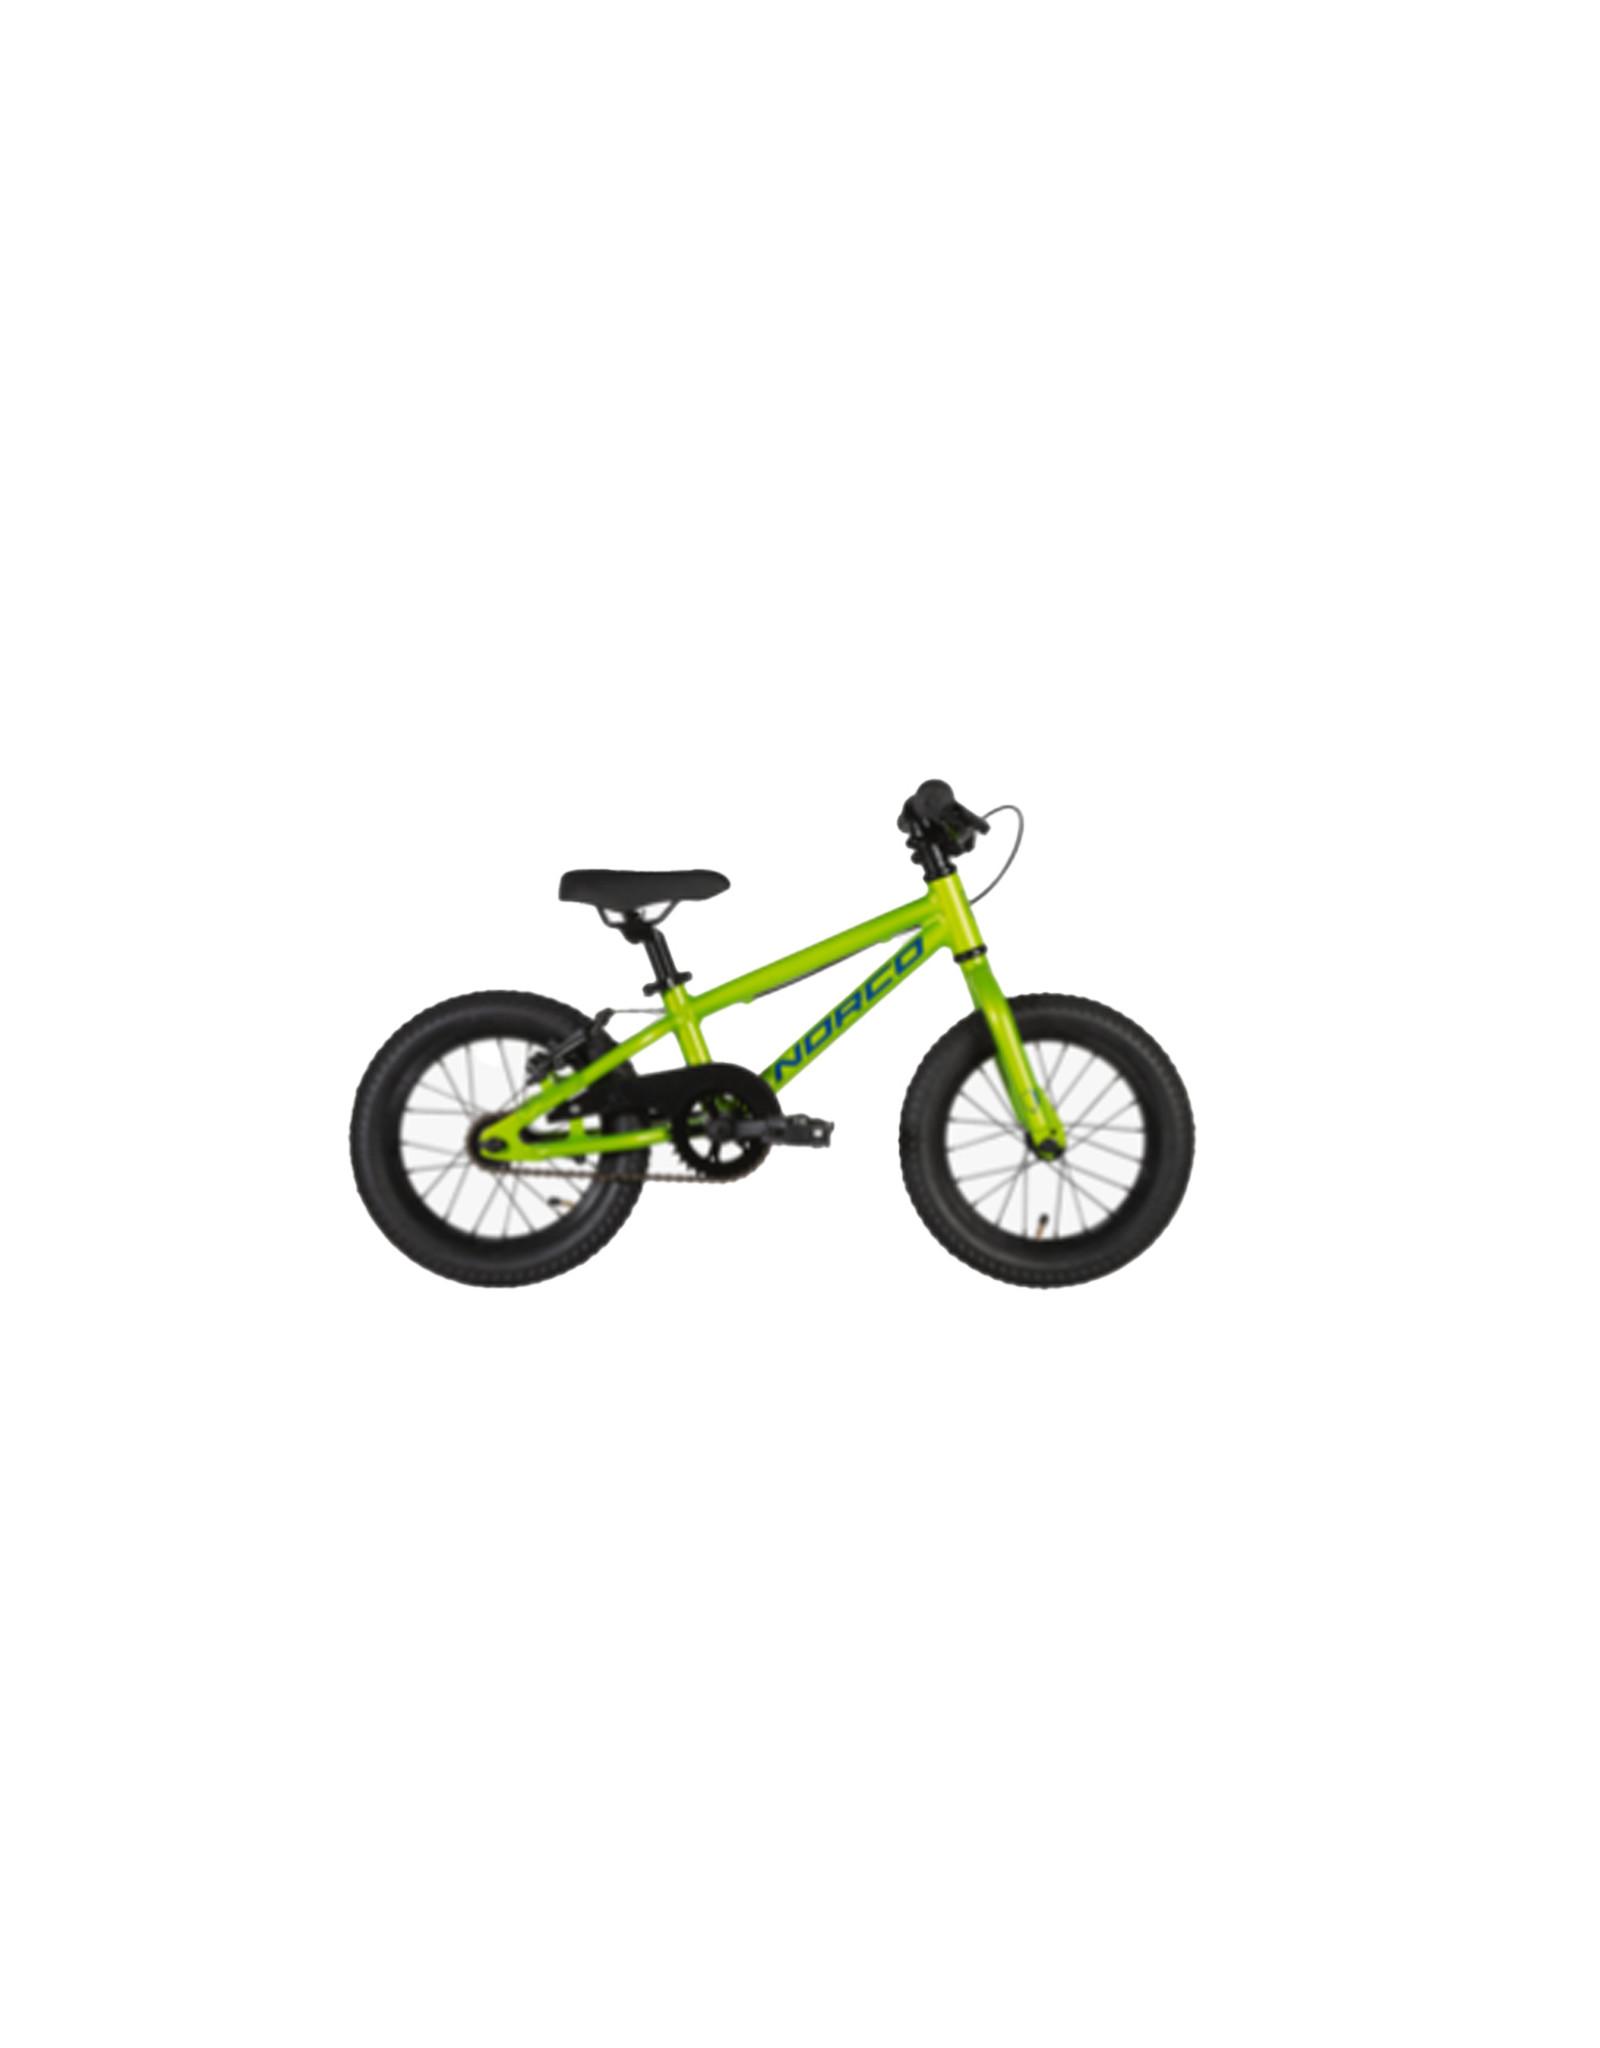 Norco Vélo Norco Coaster 14 2022